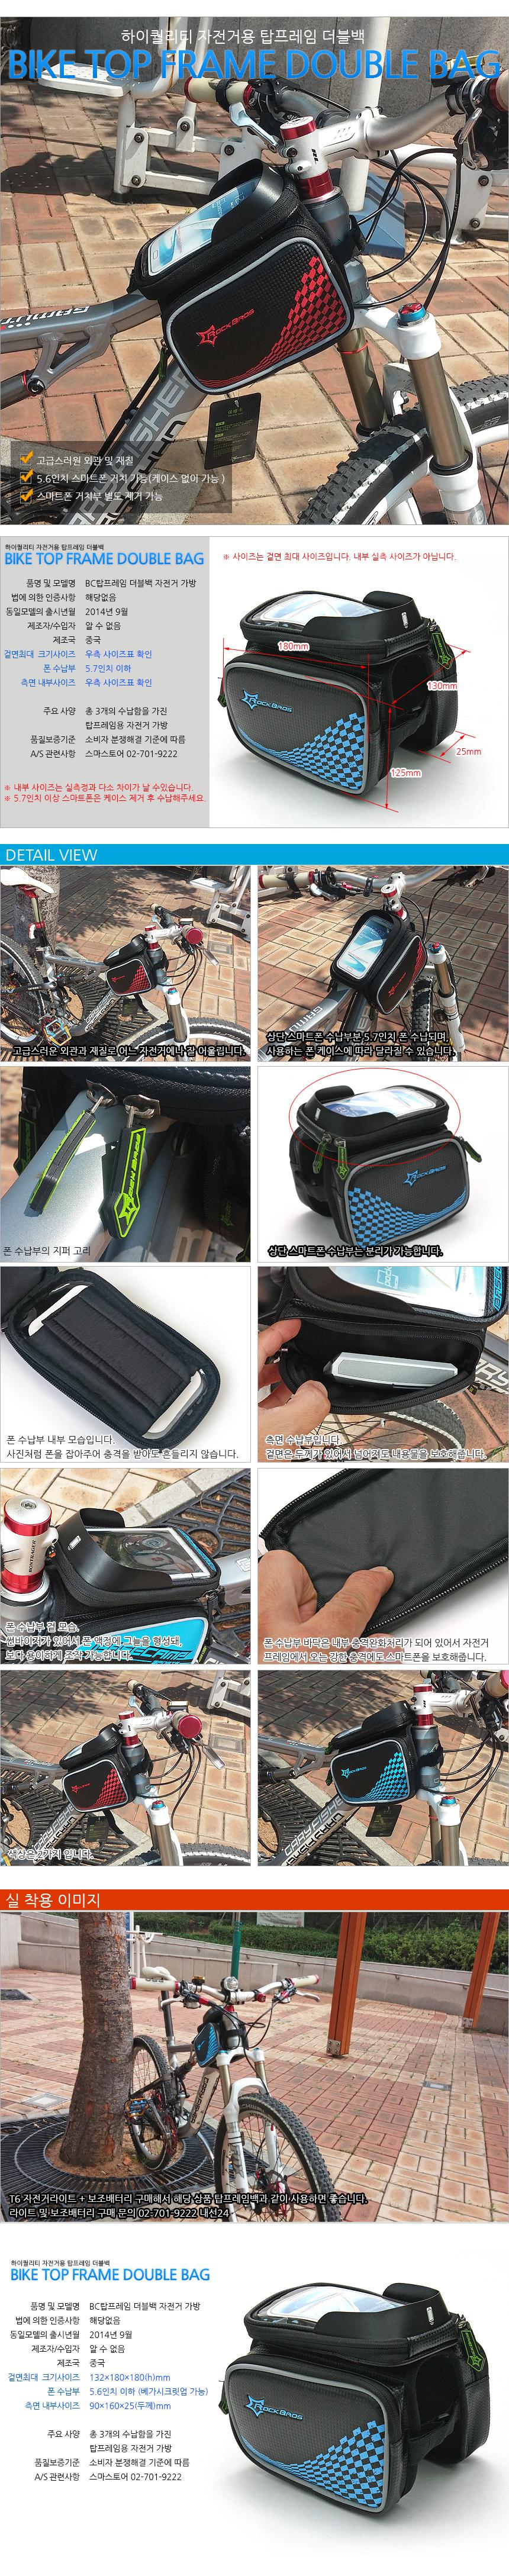 BC 탑프레임백 프레임가방 자전거용 다용도수납가방 - 유바오, 18,500원, 자전거악세사리, 가방/안장가방